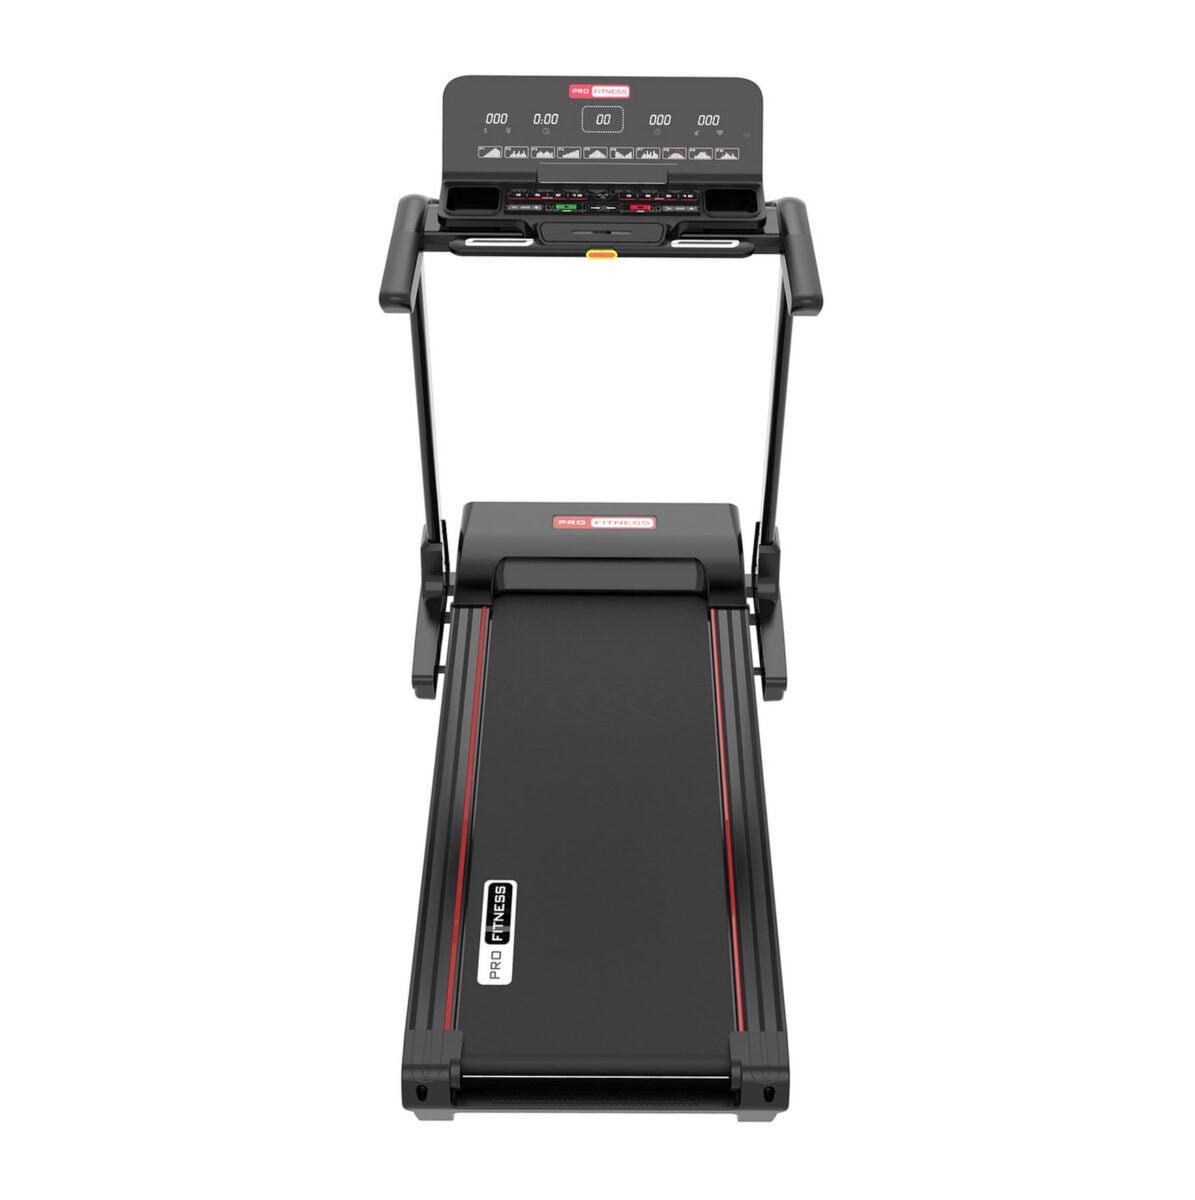 Pro Fitness T2000 Folding Treadmil running track